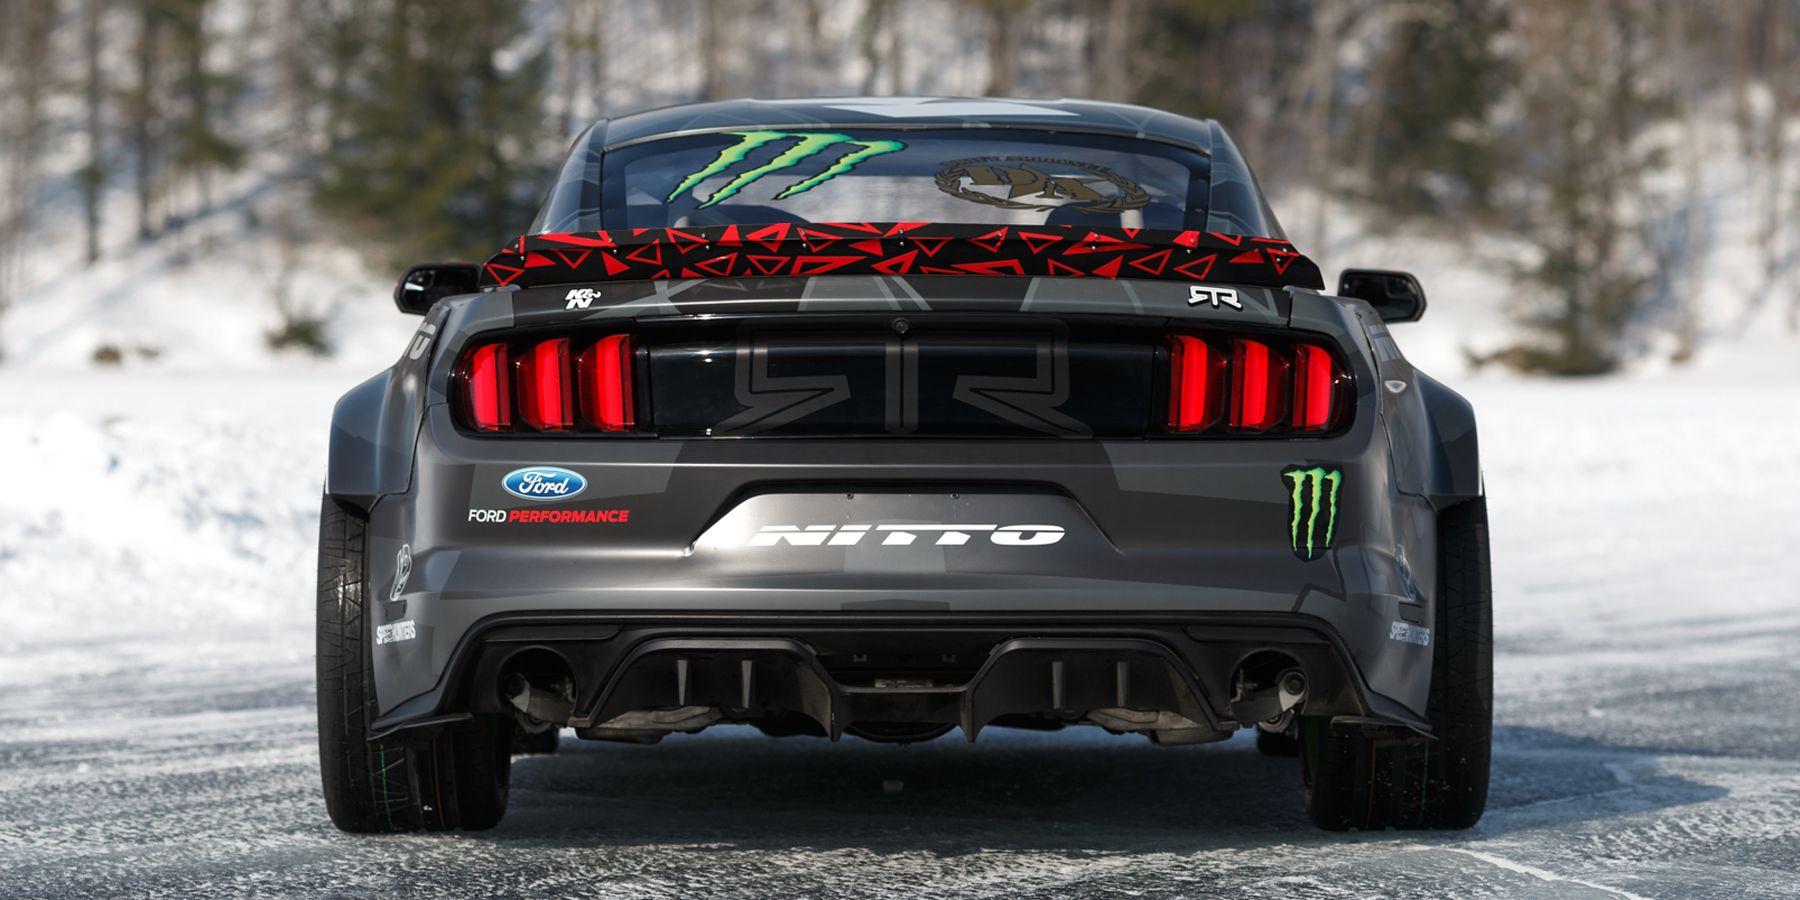 & Check out Vaughn Gittin Jru0027s 2015 Mustang RTR drift car markmcfarlin.com